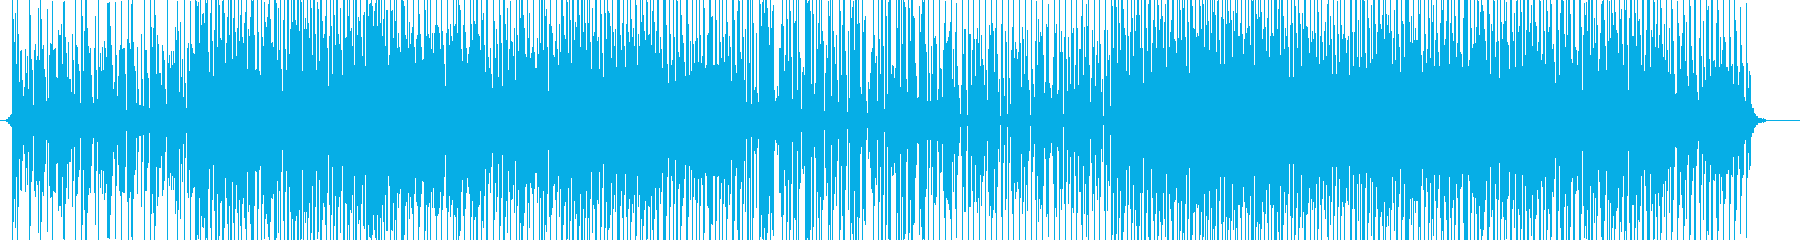 キュートなサンプリングChill♫BGMの再生済みの波形